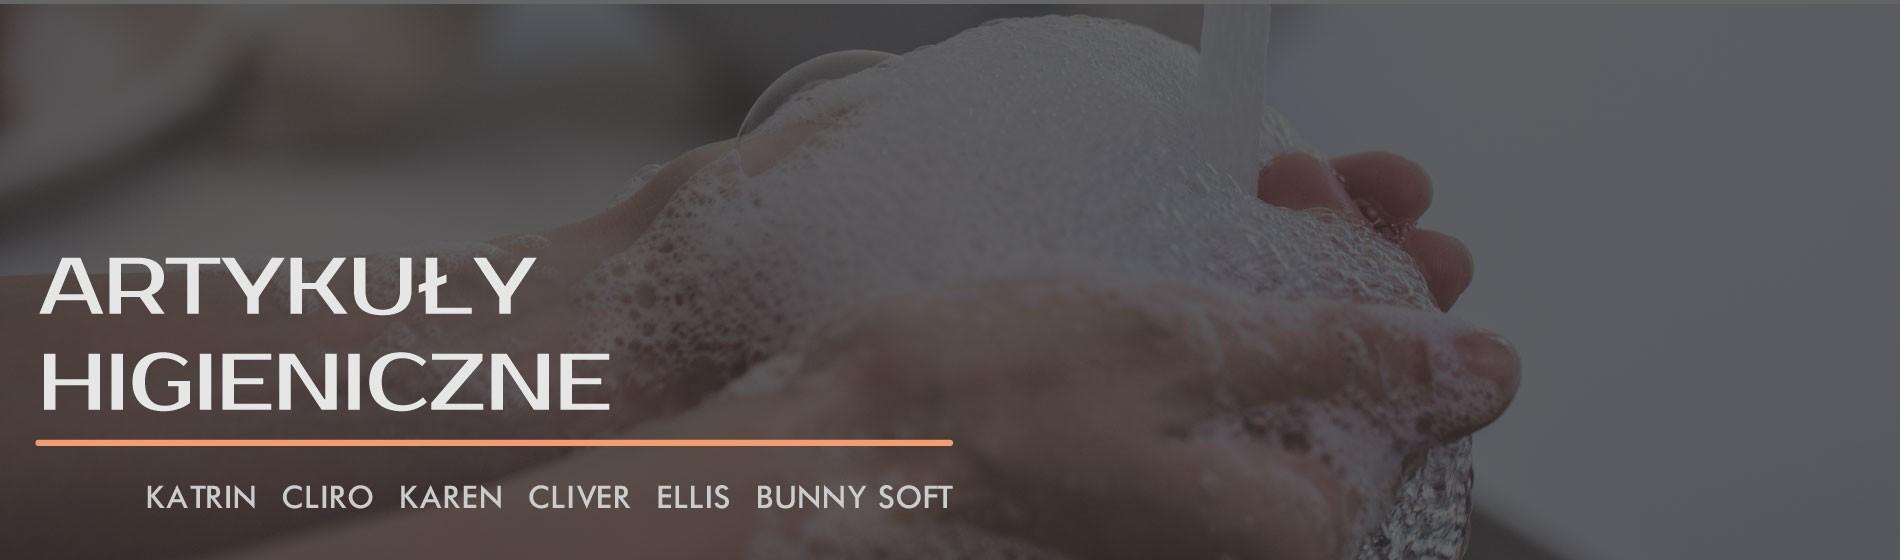 Artykuły higieniczne : ręcznik w roli i składane, papiery toaletowe